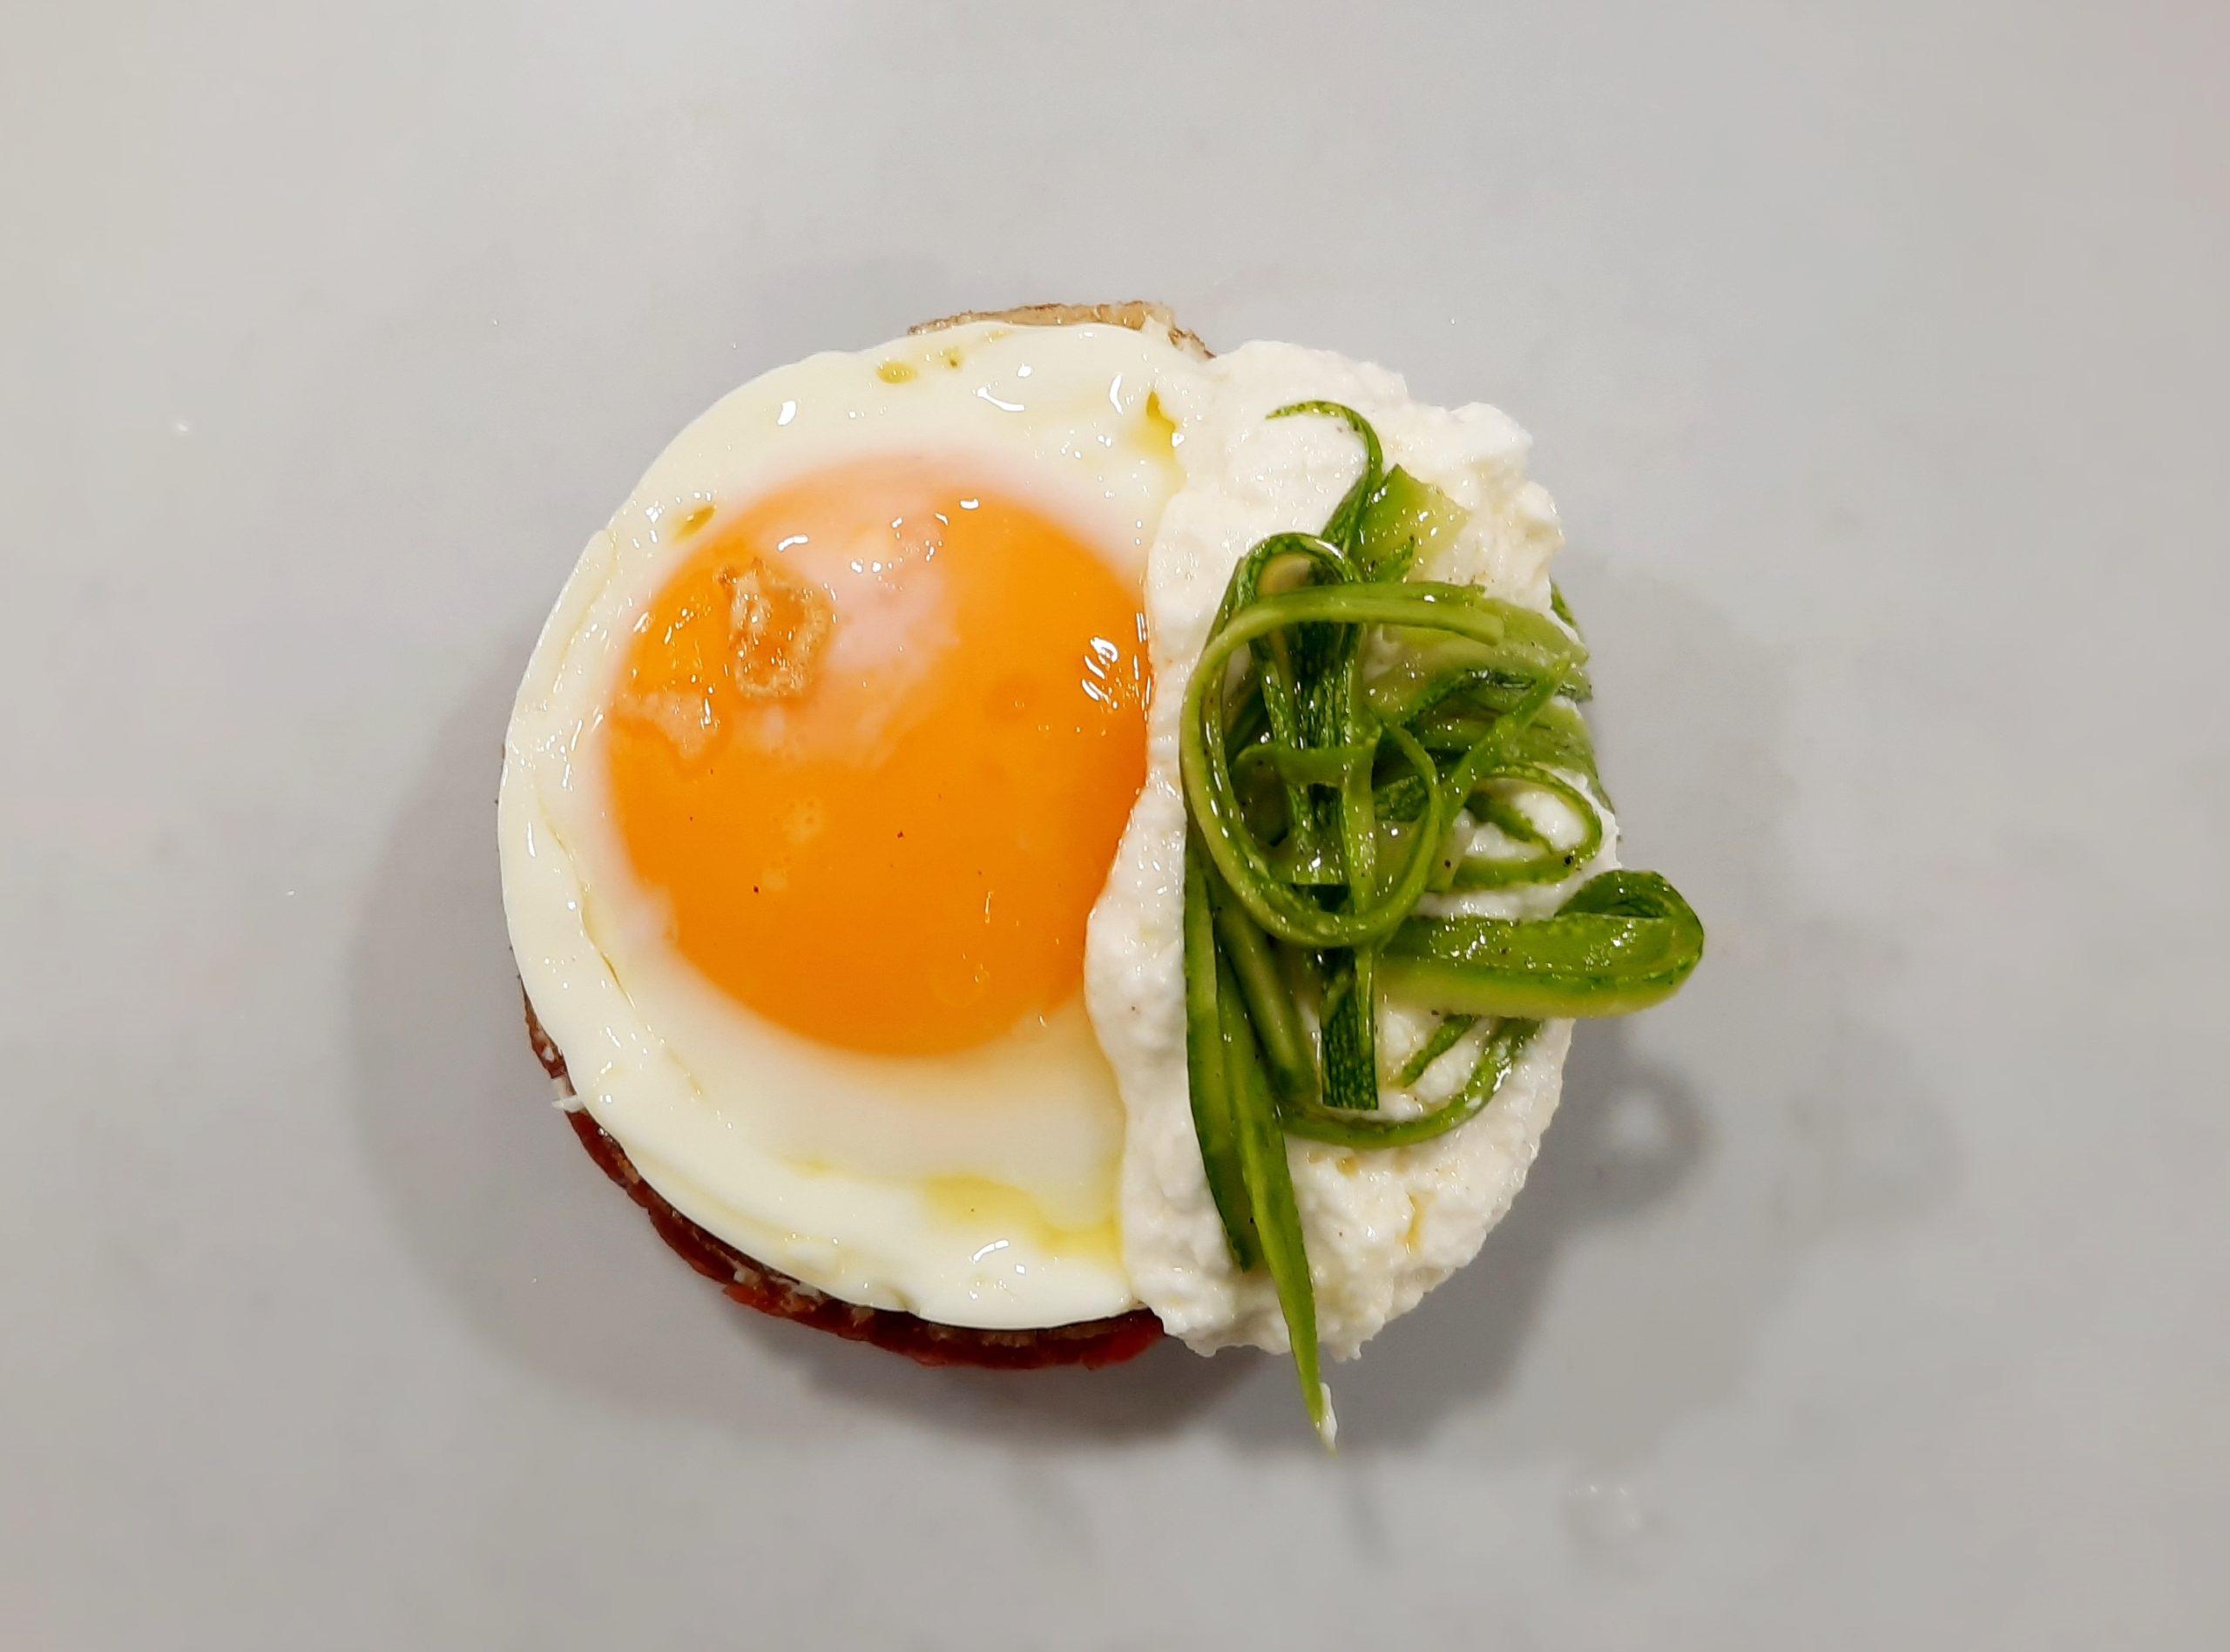 tartaredi manzo con uovo e stracciata di bufala